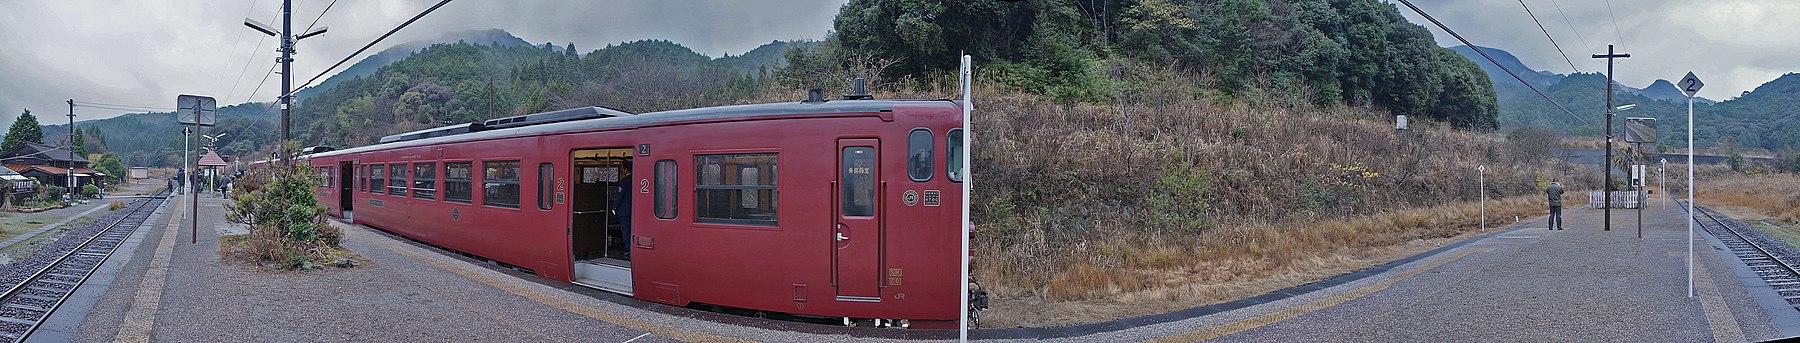 JR Masaki station , JR 肥薩線 真幸駅 - panoramio (3).jpg